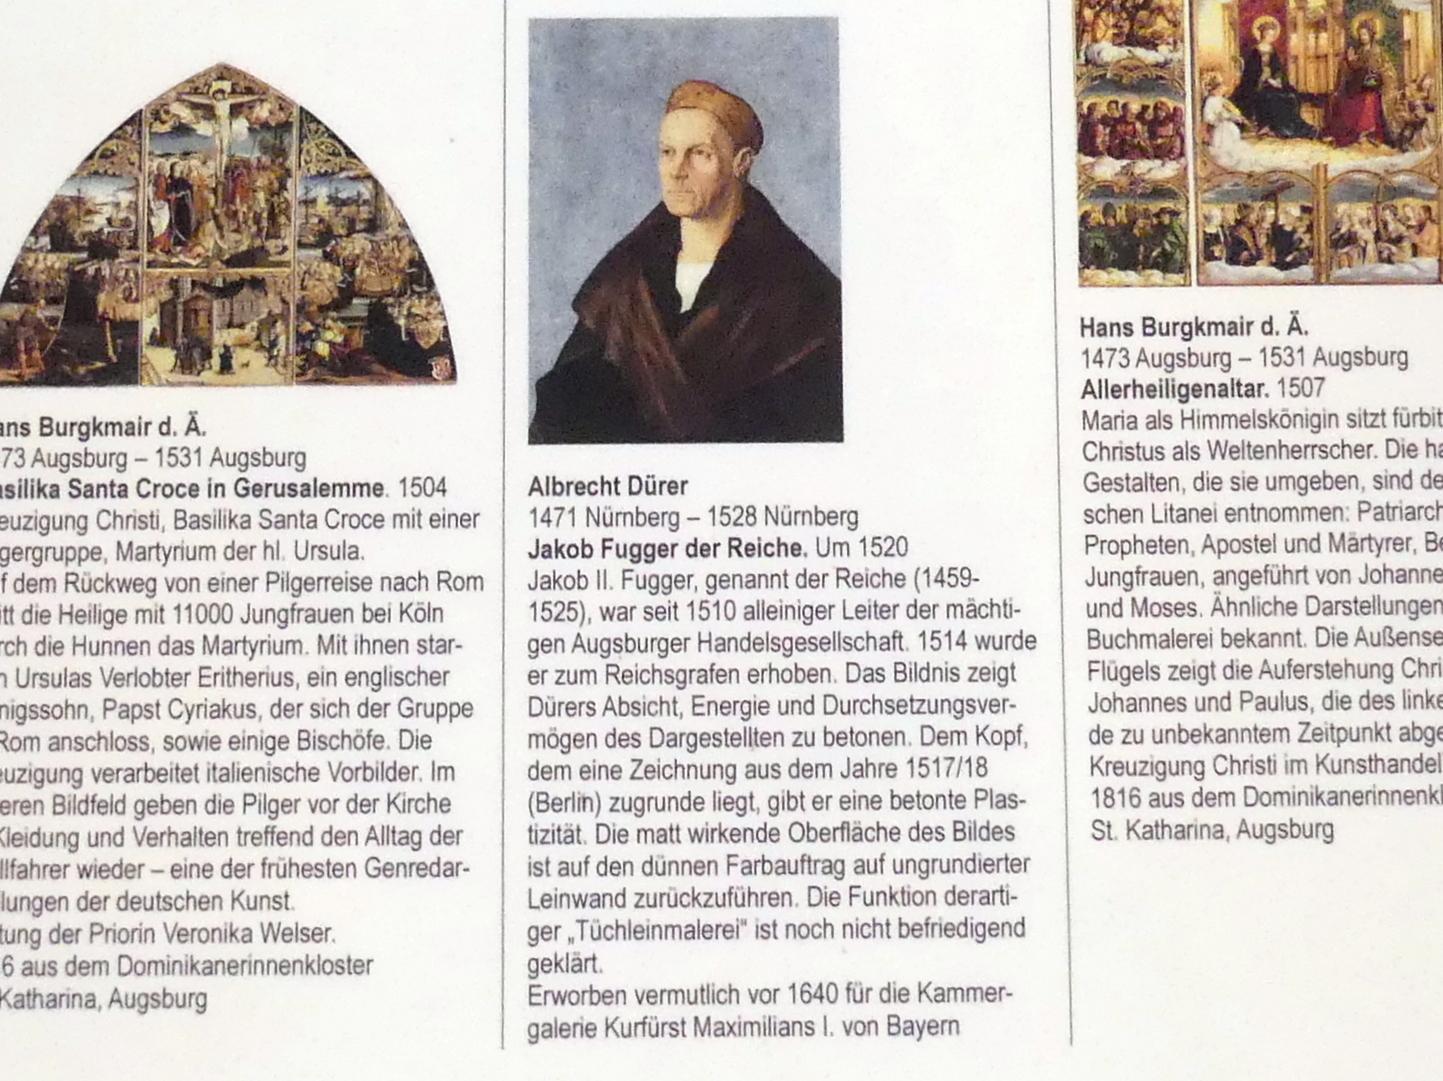 Albrecht Dürer: Jakob Fugger der Reiche, um 1520, Bild 3/3